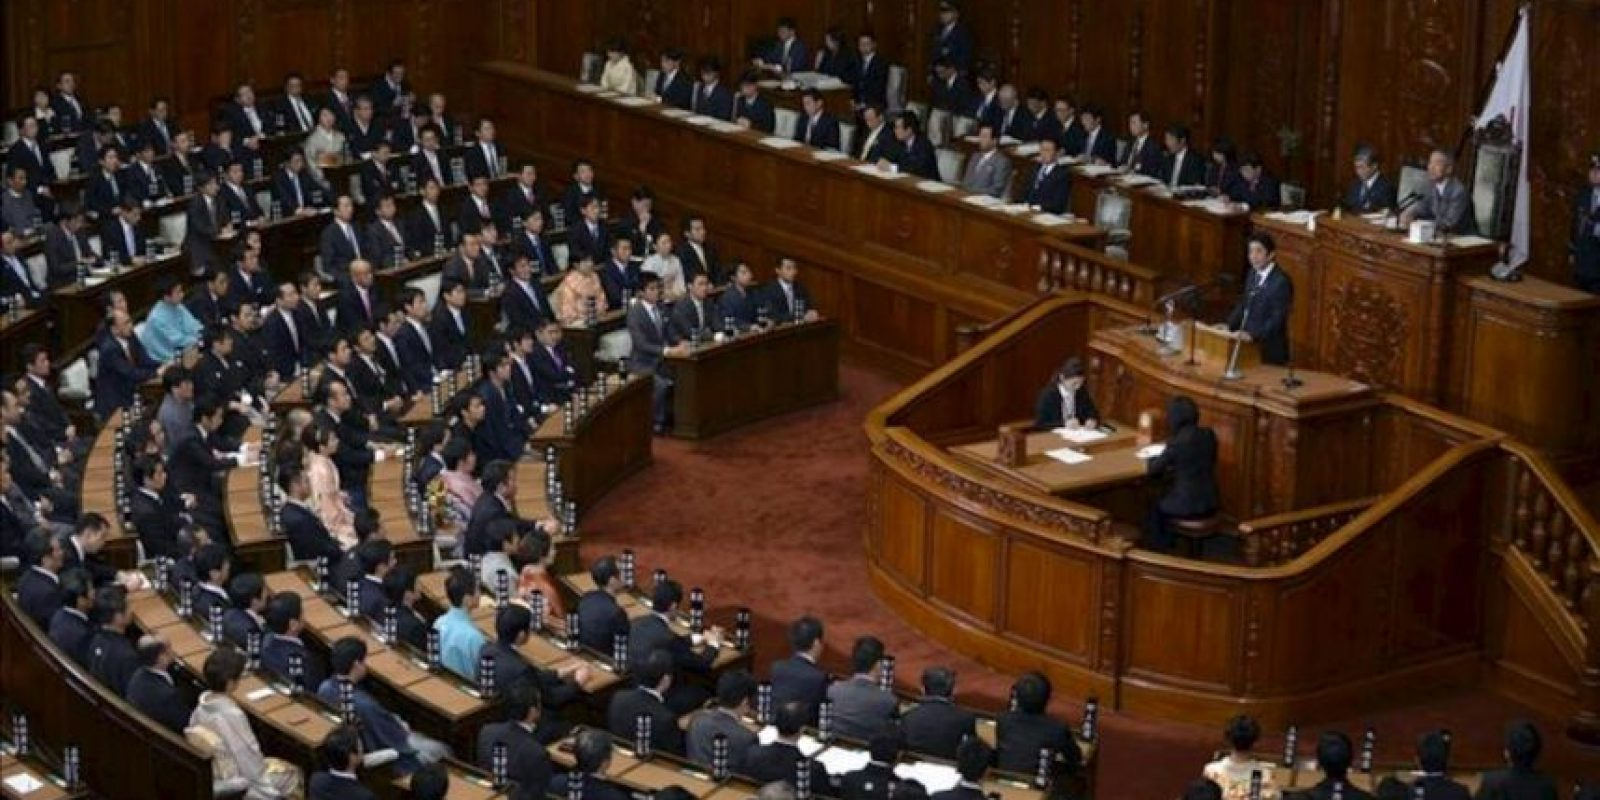 El primer ministro japonés, Shinzo Abe (d), pronuncia un discurso al inicio de una sesión ordinaria de la Dieta (Parlamento), en Tokio, Japón, hoy, lunes 28 de enero de 2013. Abe dió su primer discurso ante los miembros de la Dieta tras su reelección un mes atrás. EFE